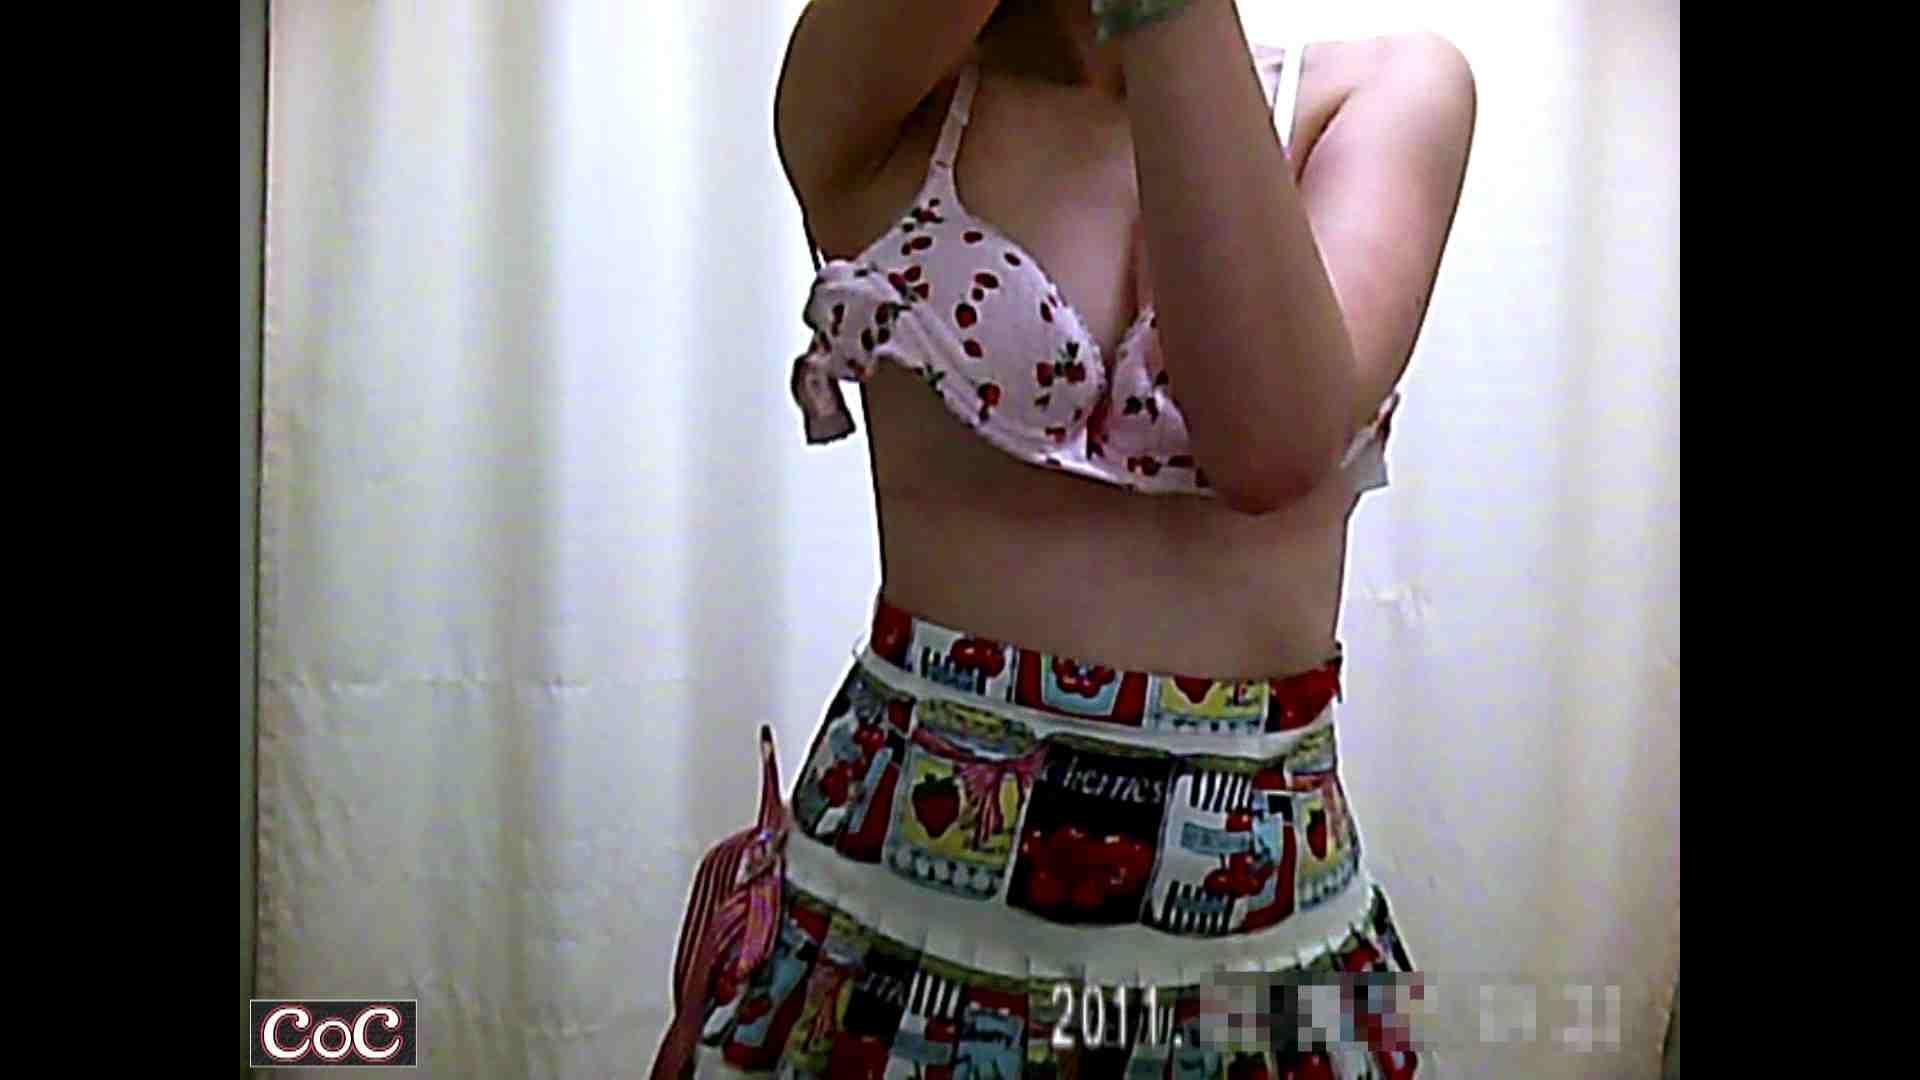 病院おもいっきり着替え! vol.02 盗撮 のぞき動画画像 50PIX 3